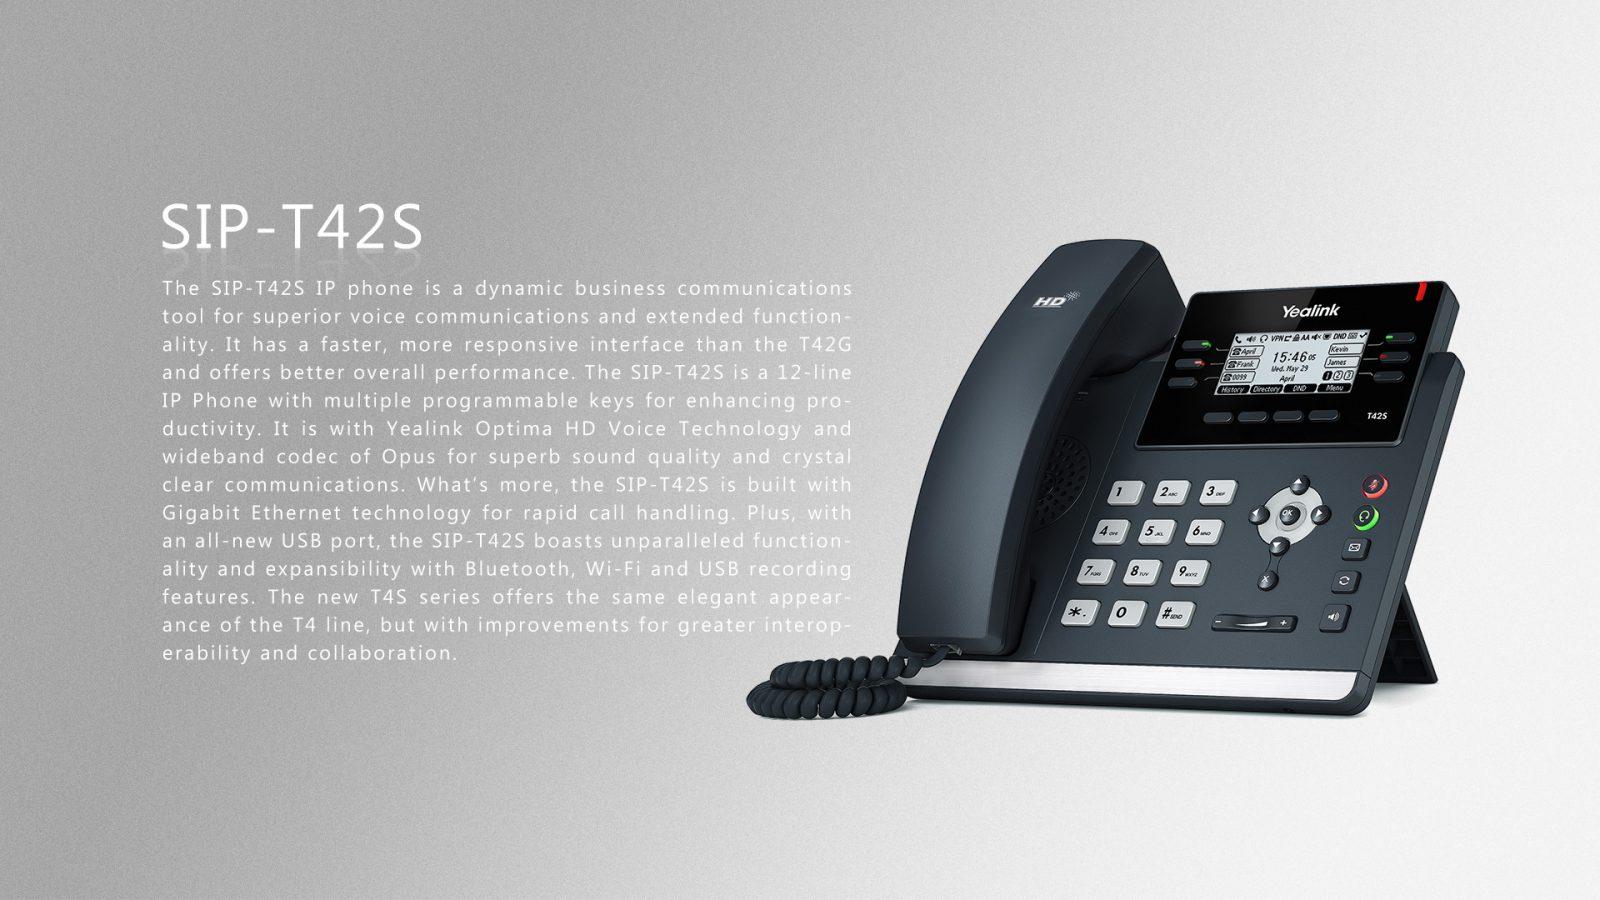 Yealink T42S IP Phone - Hong Kong Hotline: 39001988 - Matrix Technology (HK) Ltd